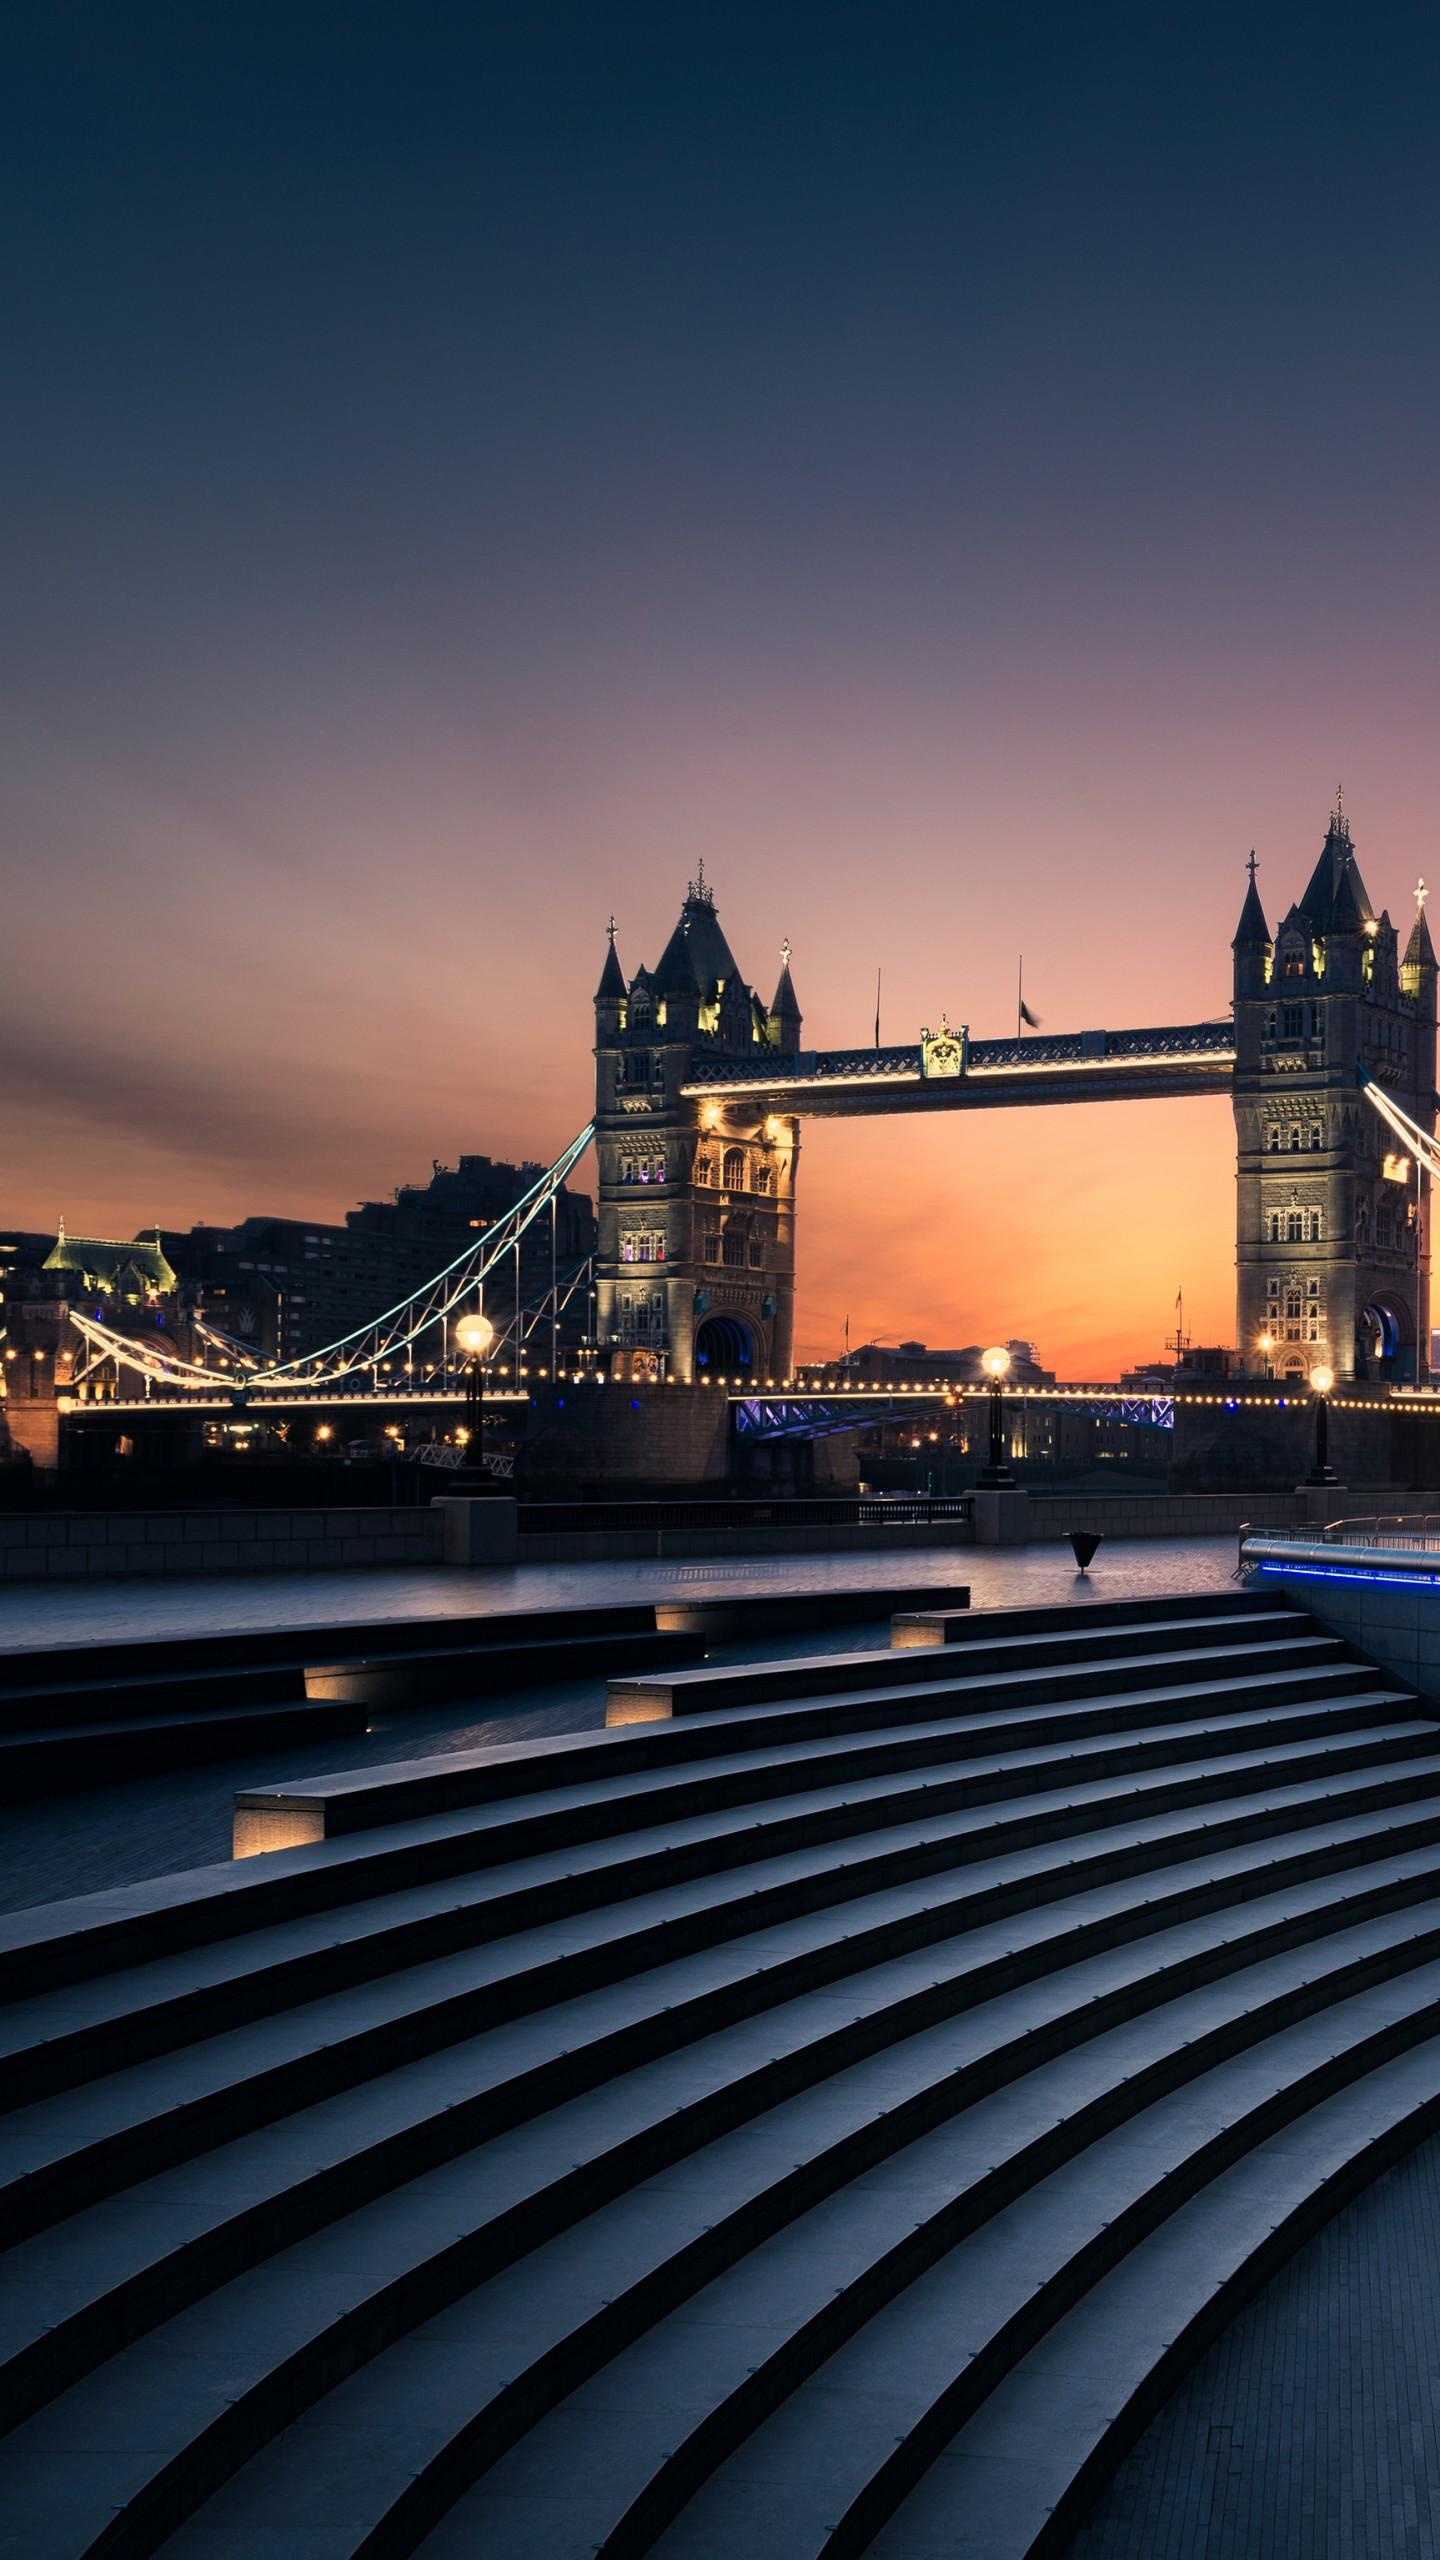 عکس زمینه پل برج لندن در شب پس زمینه